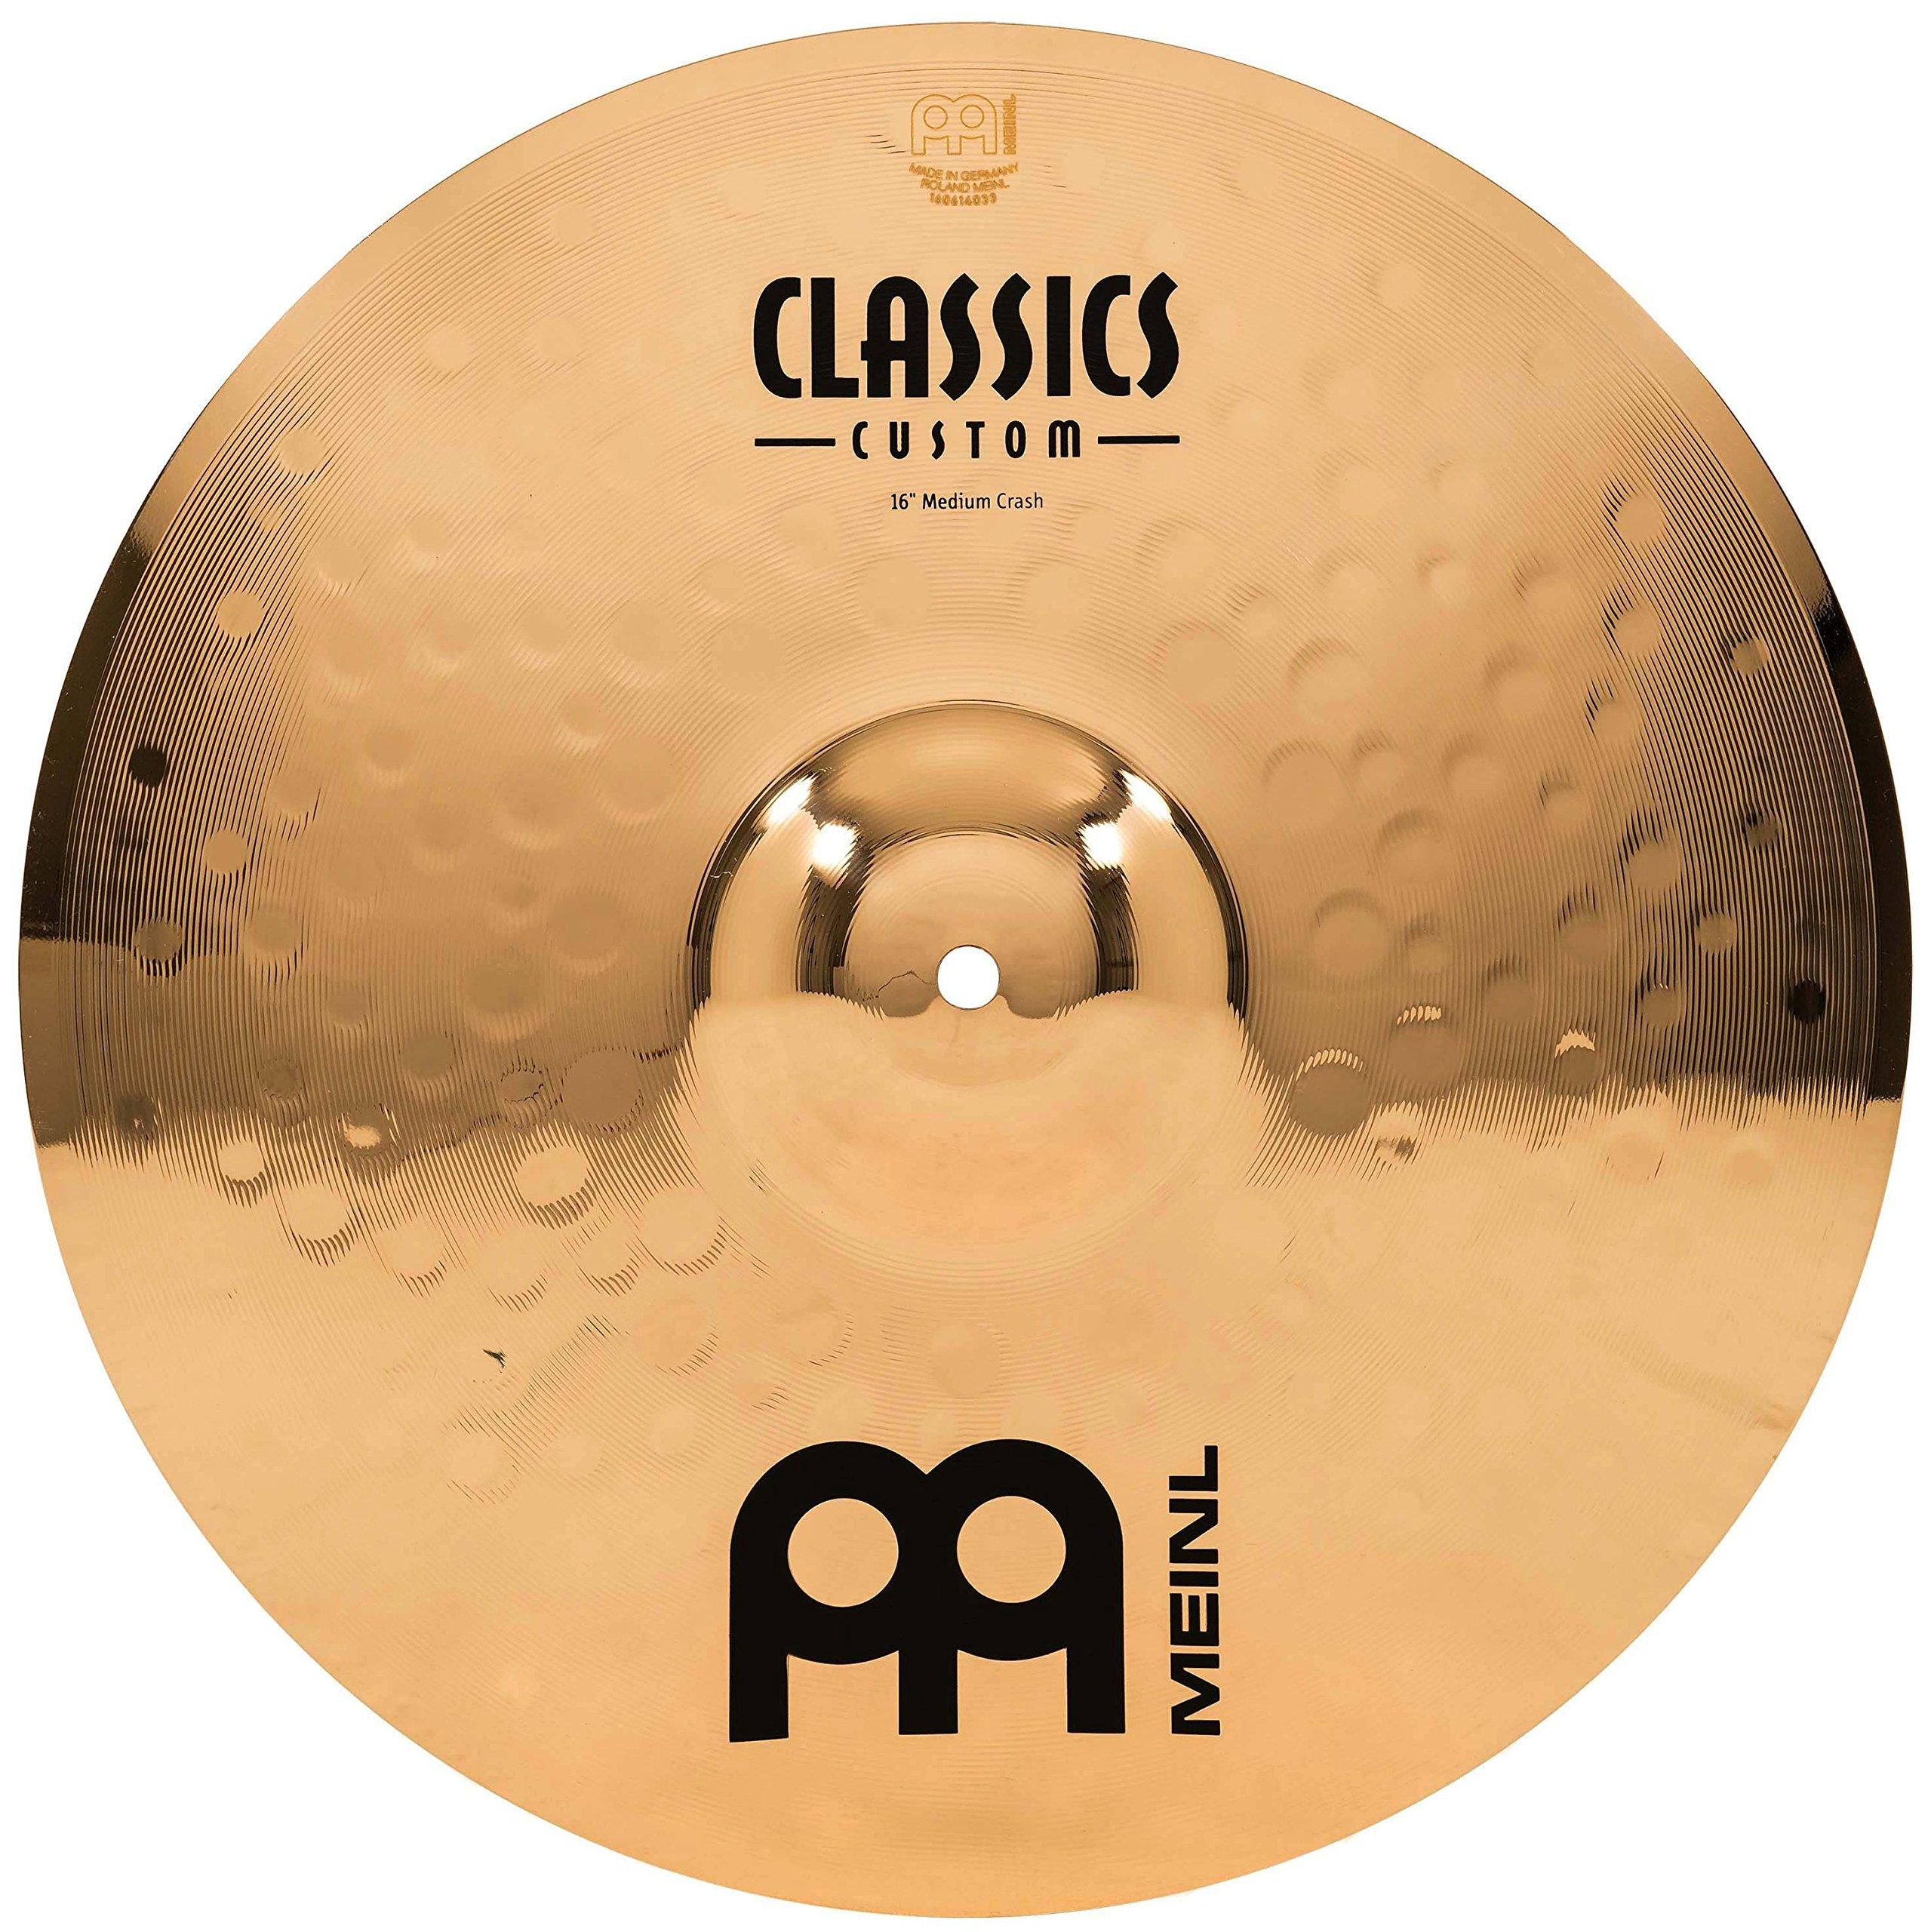 Meinl 16'' Medium Crash Cymbal  -  Classics Custom Brilliant - Made in Germany, 2-YEAR WARRANTY (CC16MC-B) by Meinl Cymbals